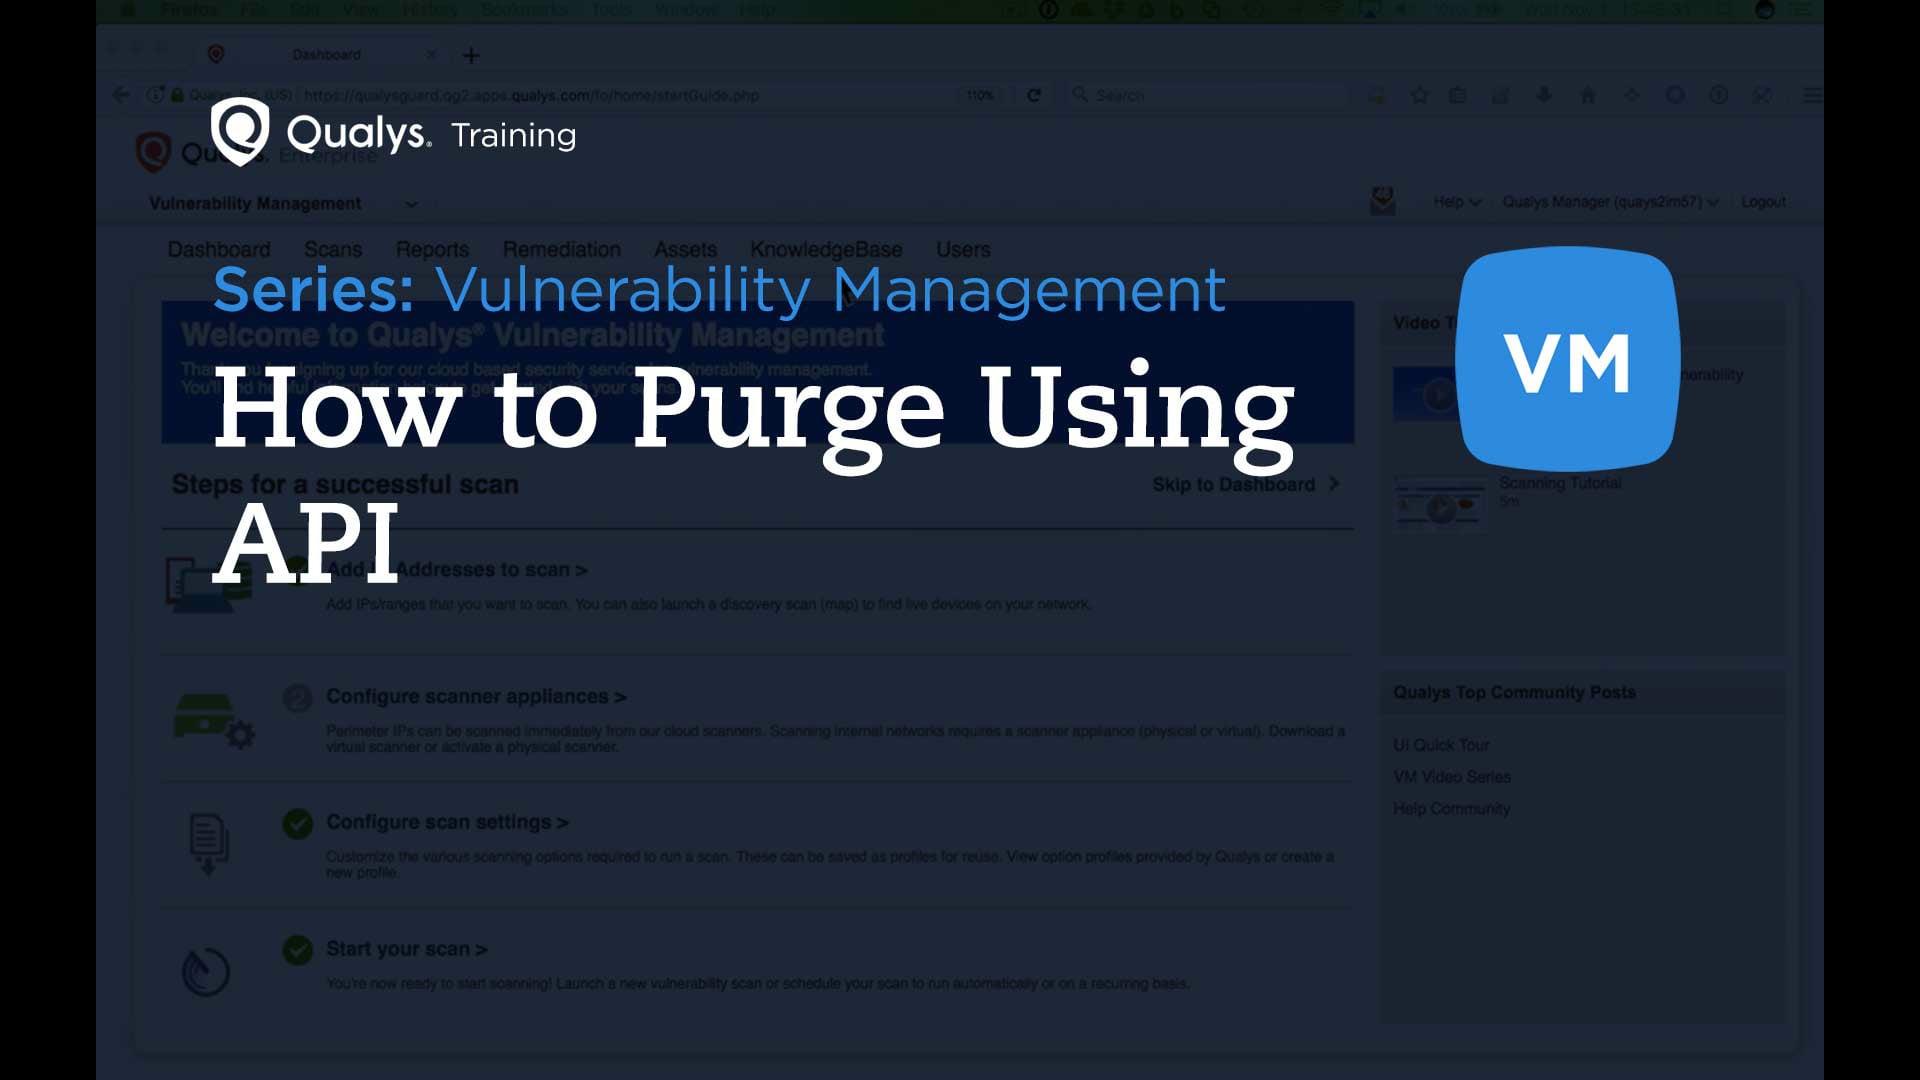 How to Purge Using API